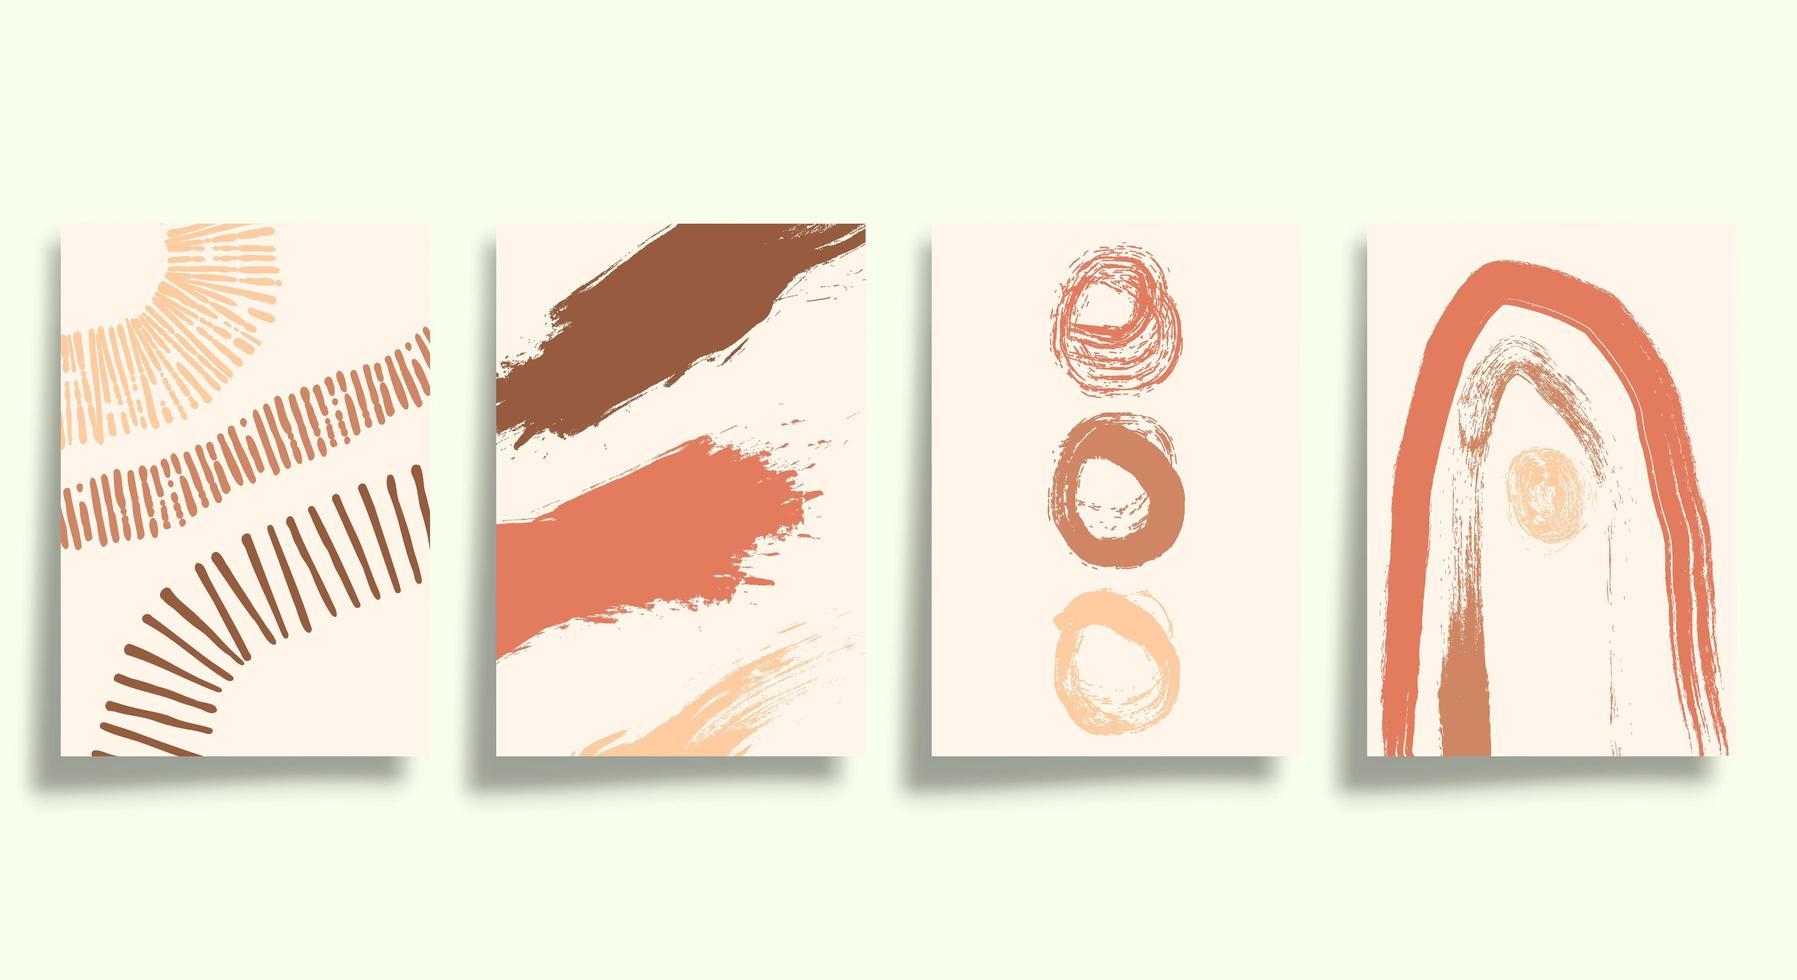 uppsättning abstrakt minimalistisk typografisats vektor